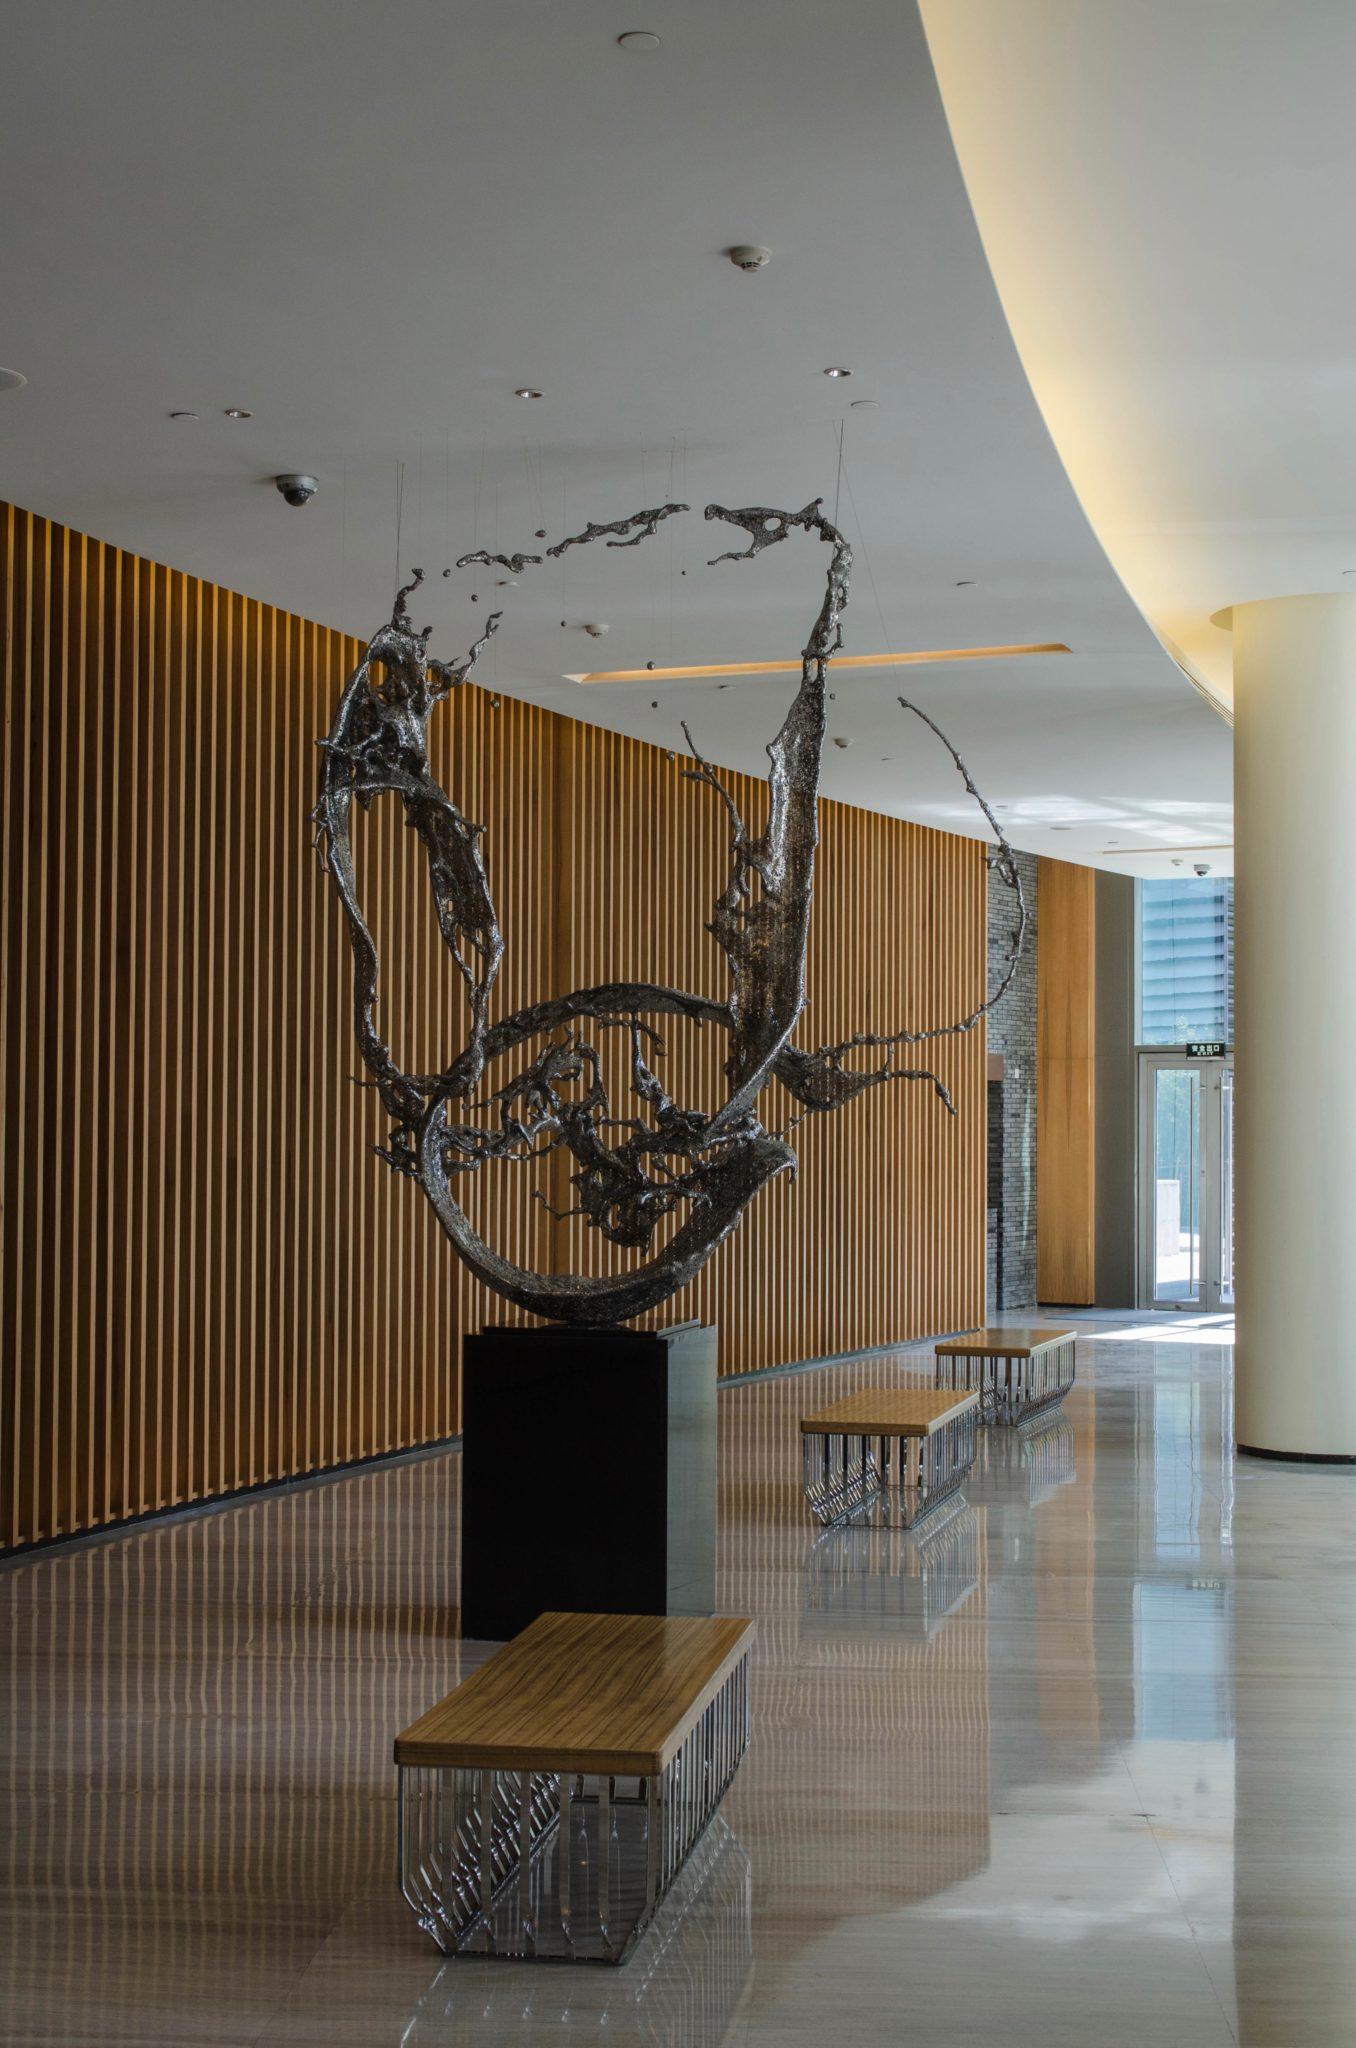 EAST Hotel Peking: Kunstwerke befinden sich verteilt im gesamten Haus